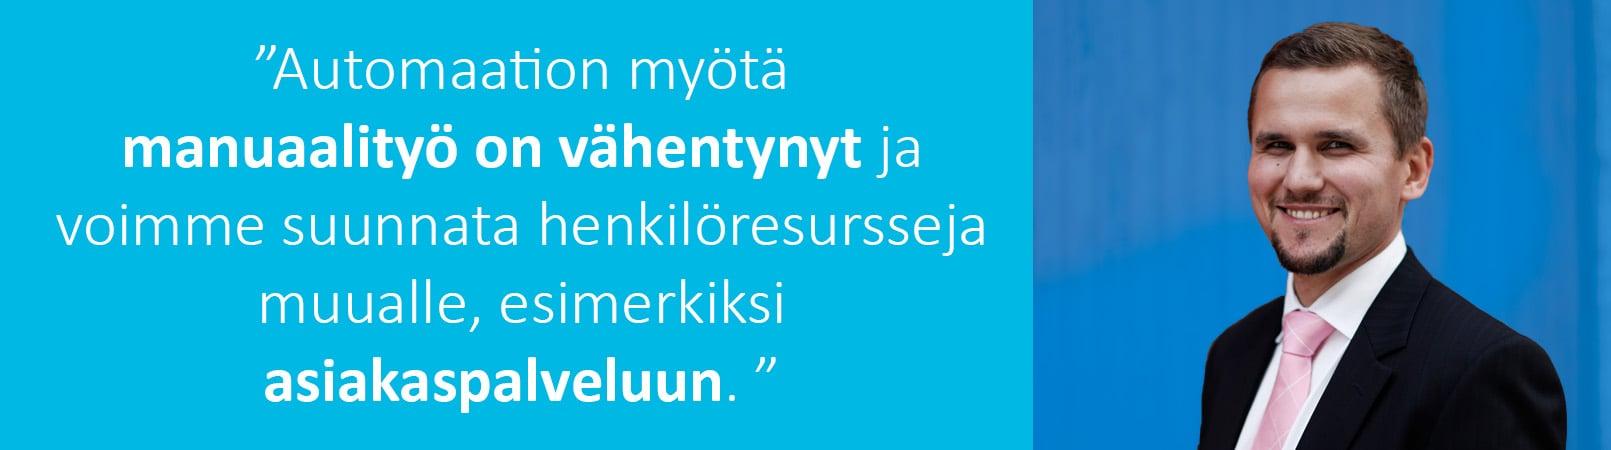 Heeros_Asiakasnosto_Vuokraturva